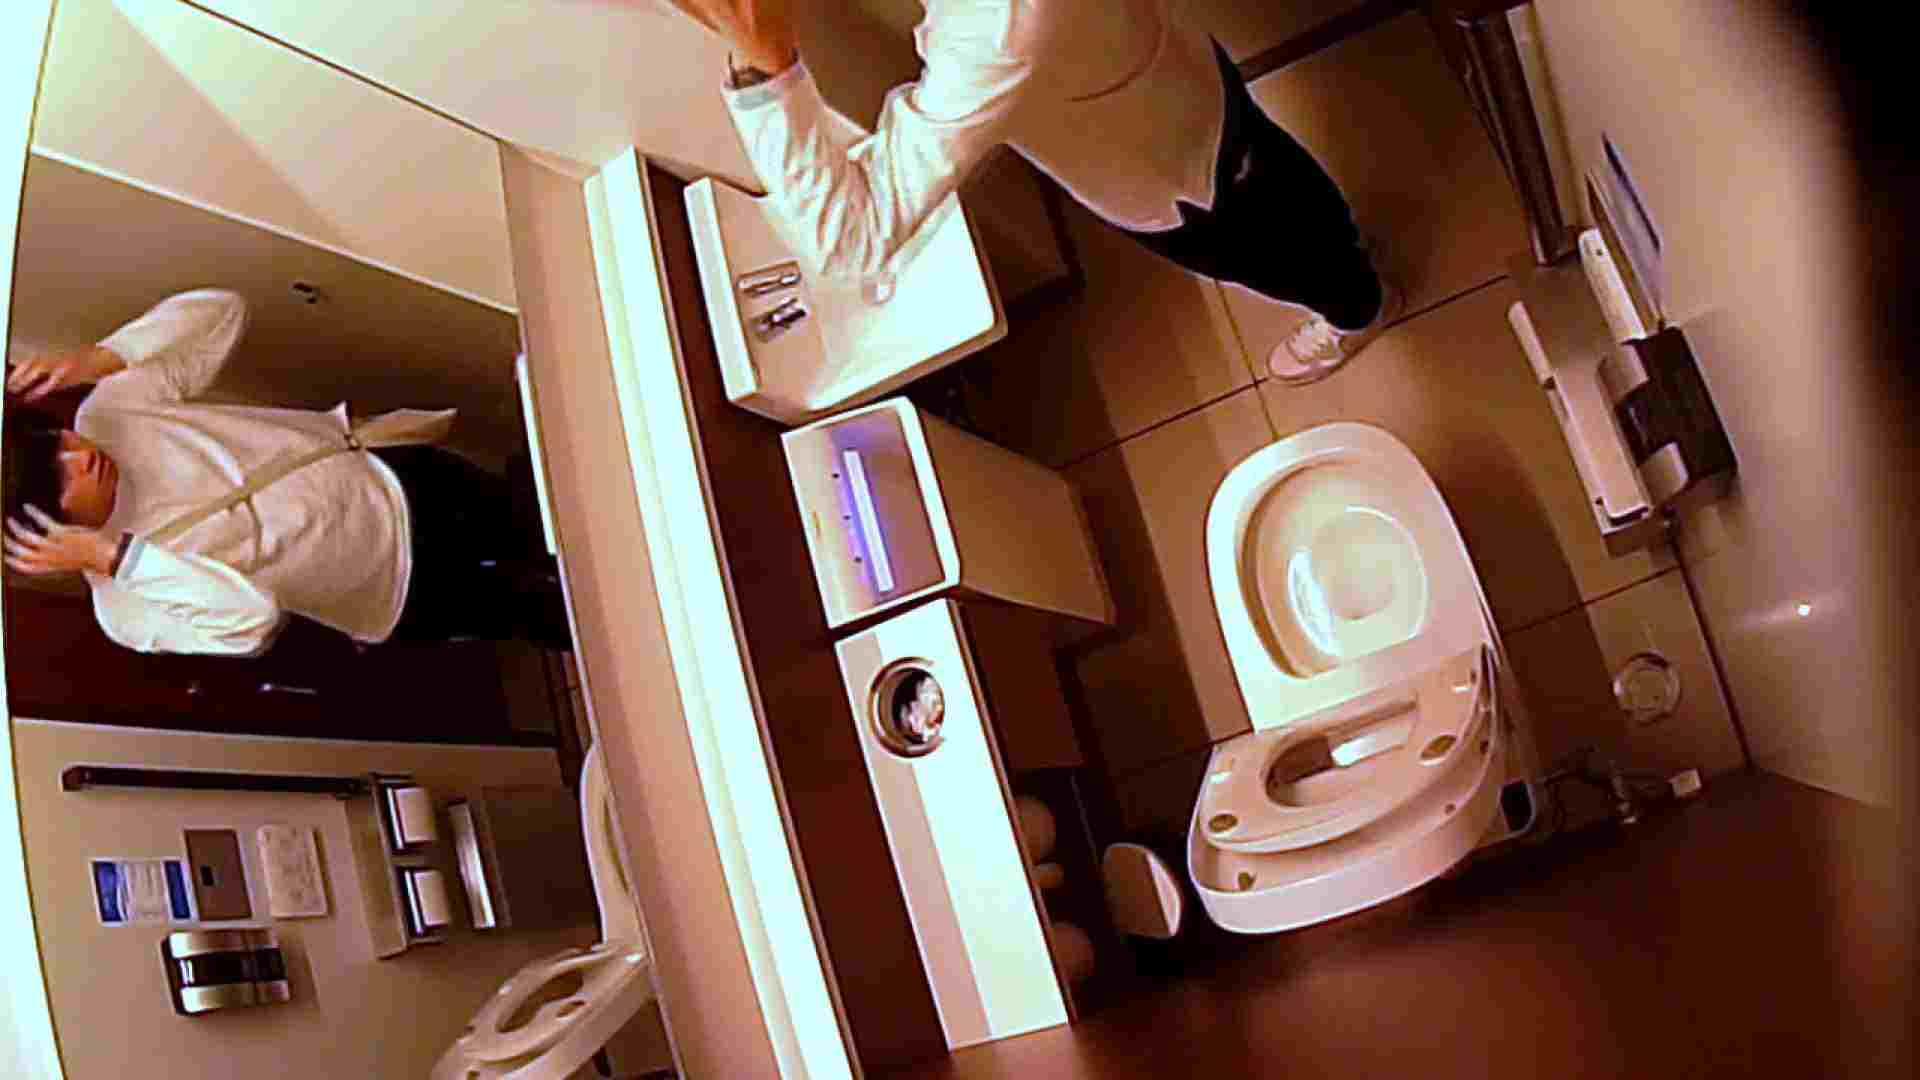 すみませんが覗かせてください Vol.32 トイレ   0  66枚 11